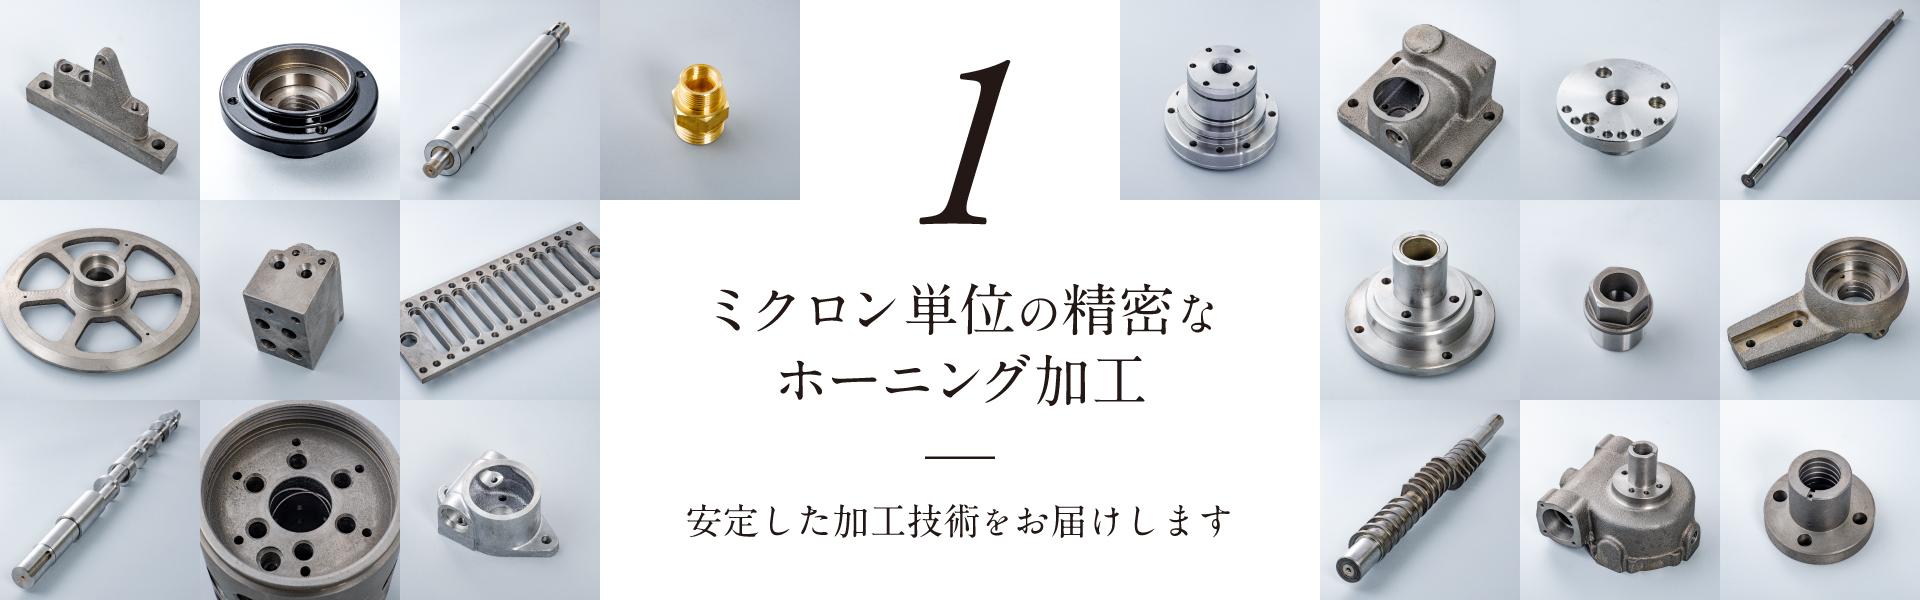 ヤセック高知Top1